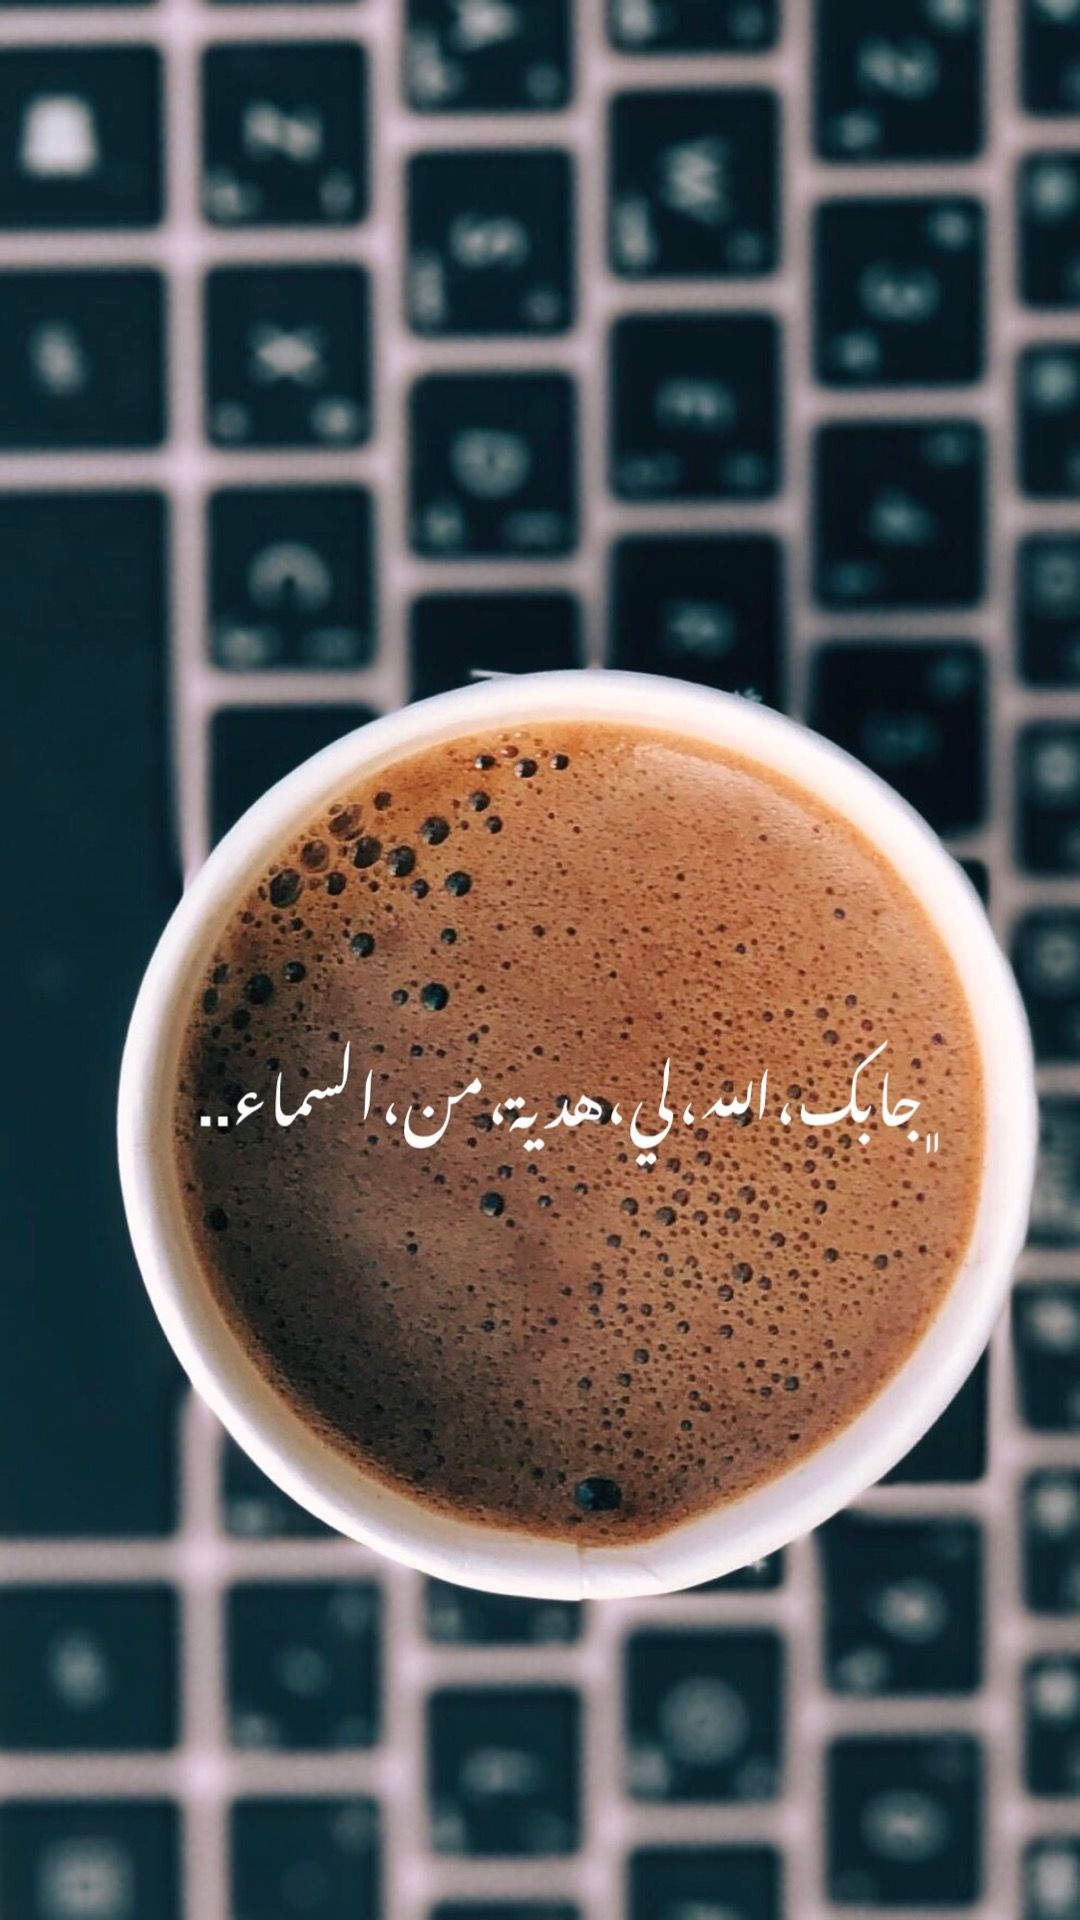 نوال الكويتية قهوة تصويري Turkish Coffee Coffee Jokes Coffee Latte Art Coffee Quotes